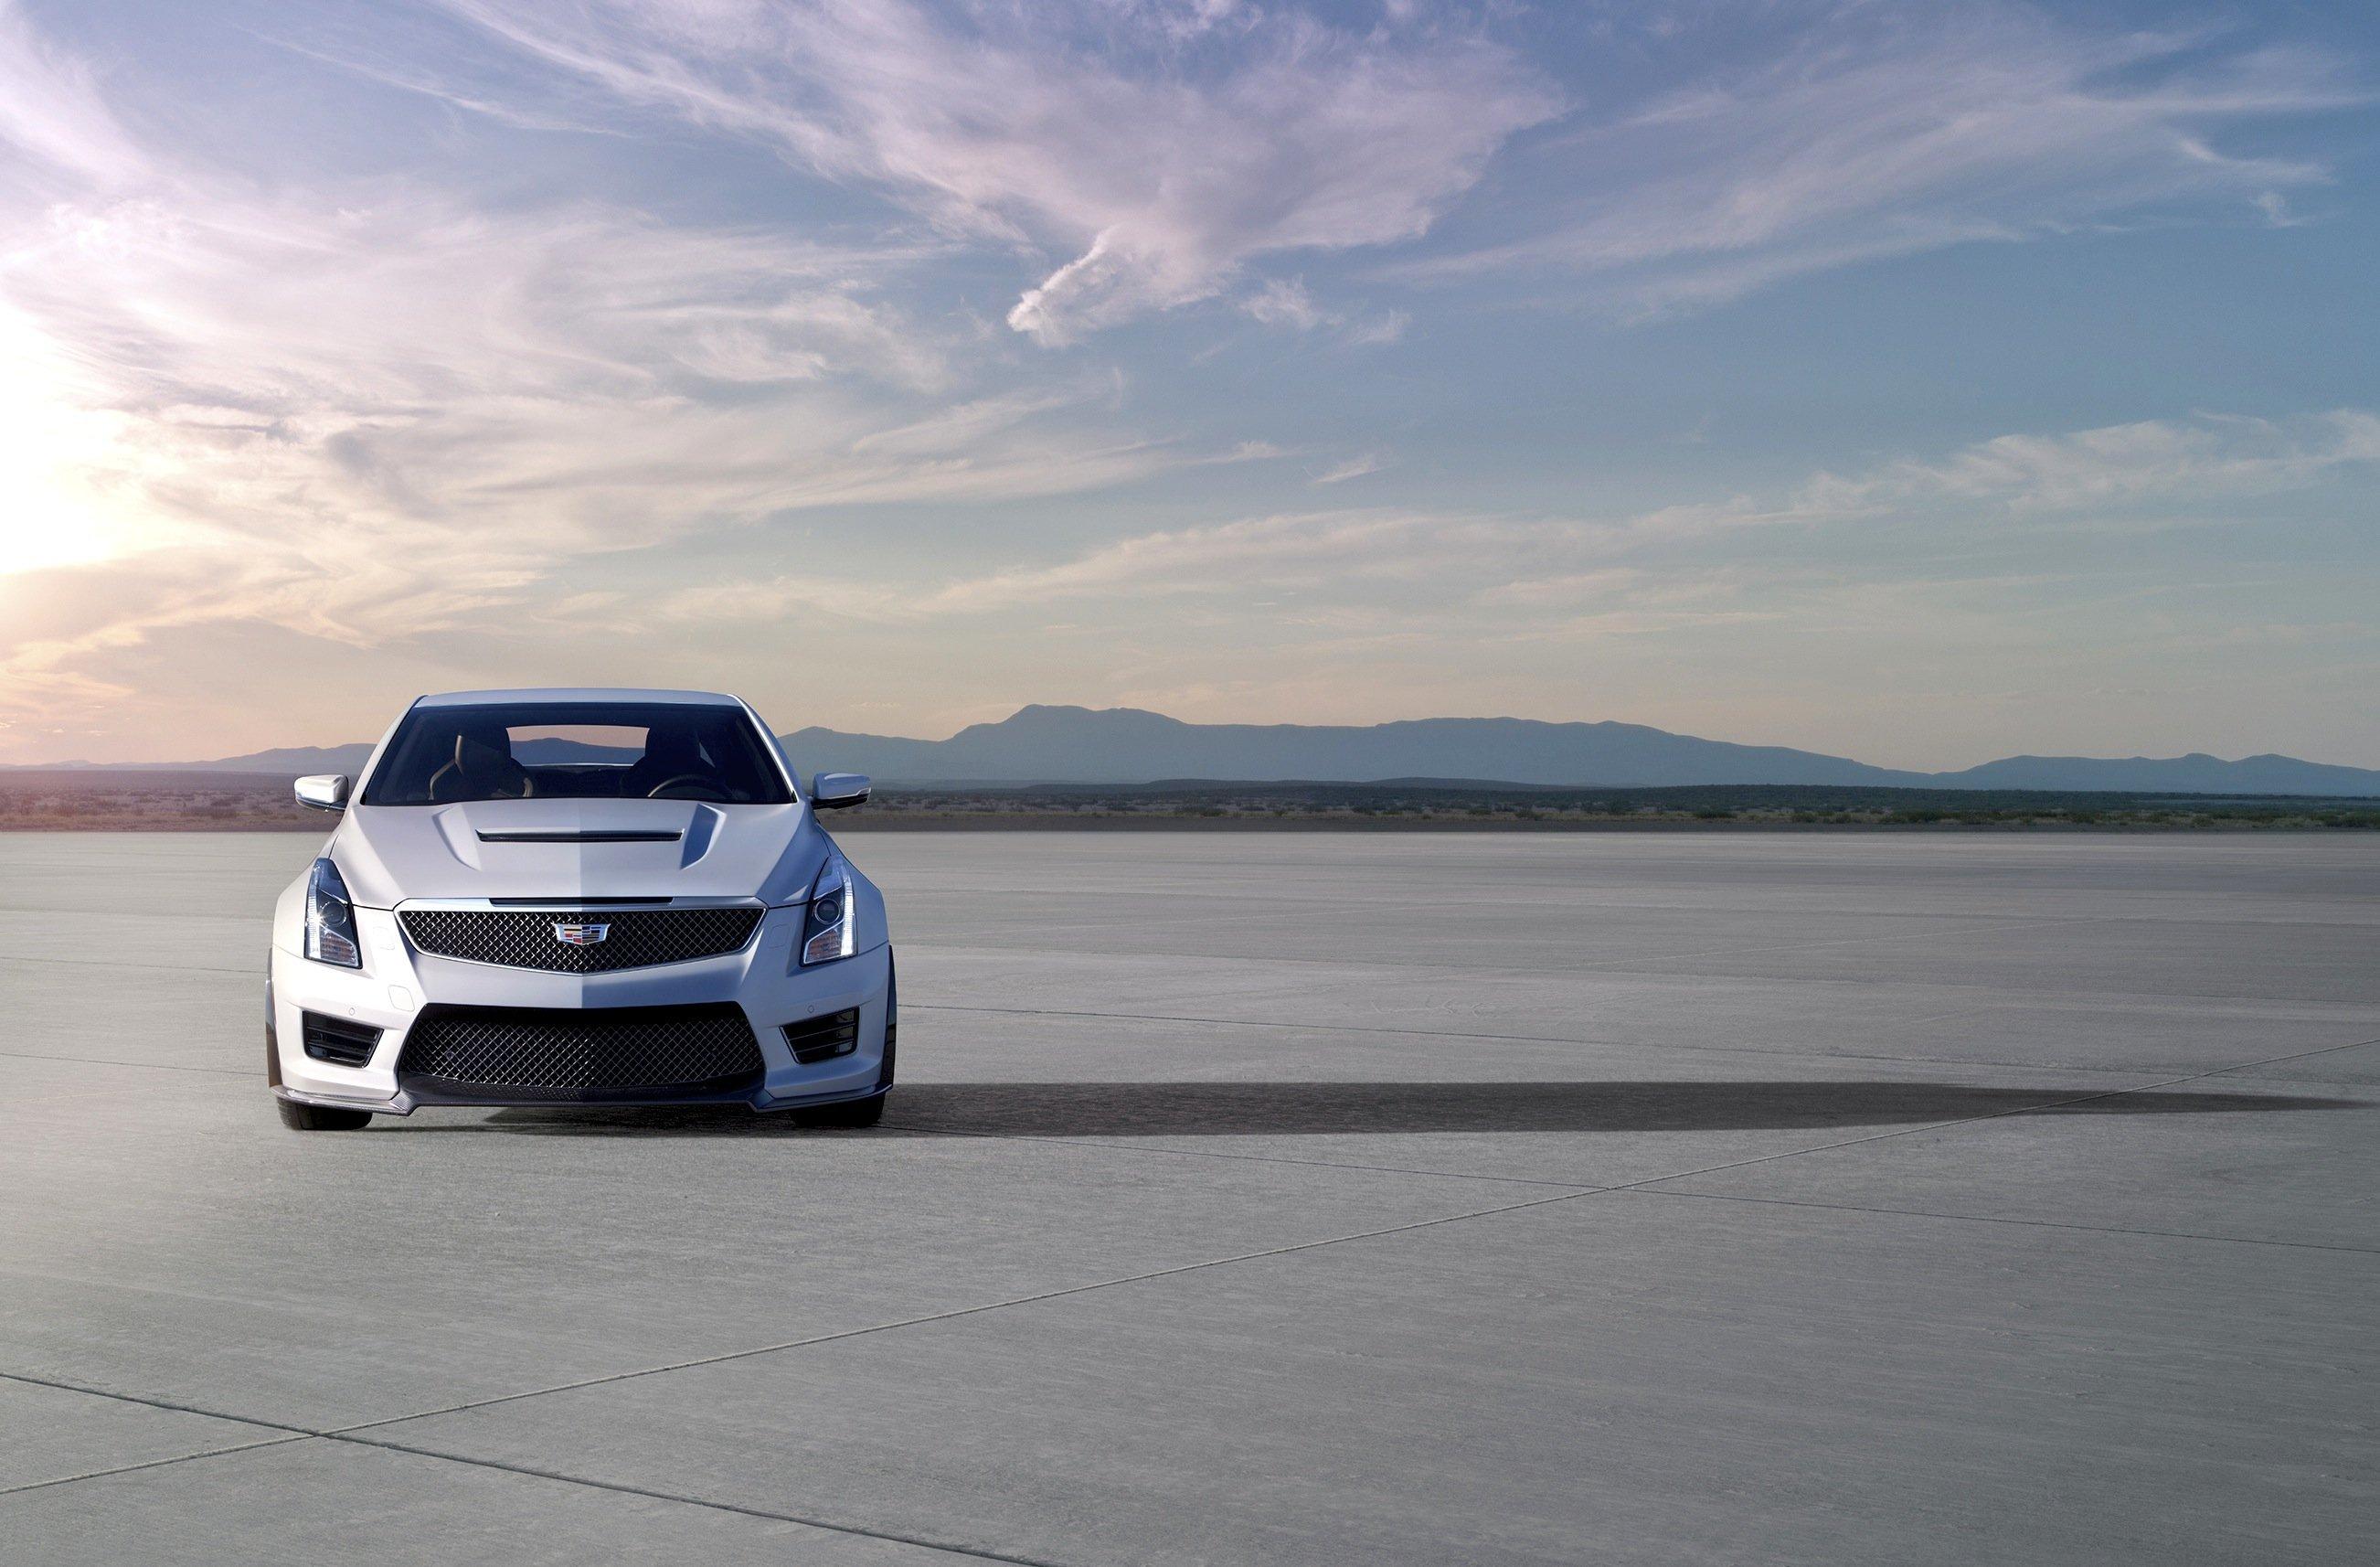 Mit dem ATS Coupé will Cadillac auch auf dem europäischen Markt Erfolg haben.